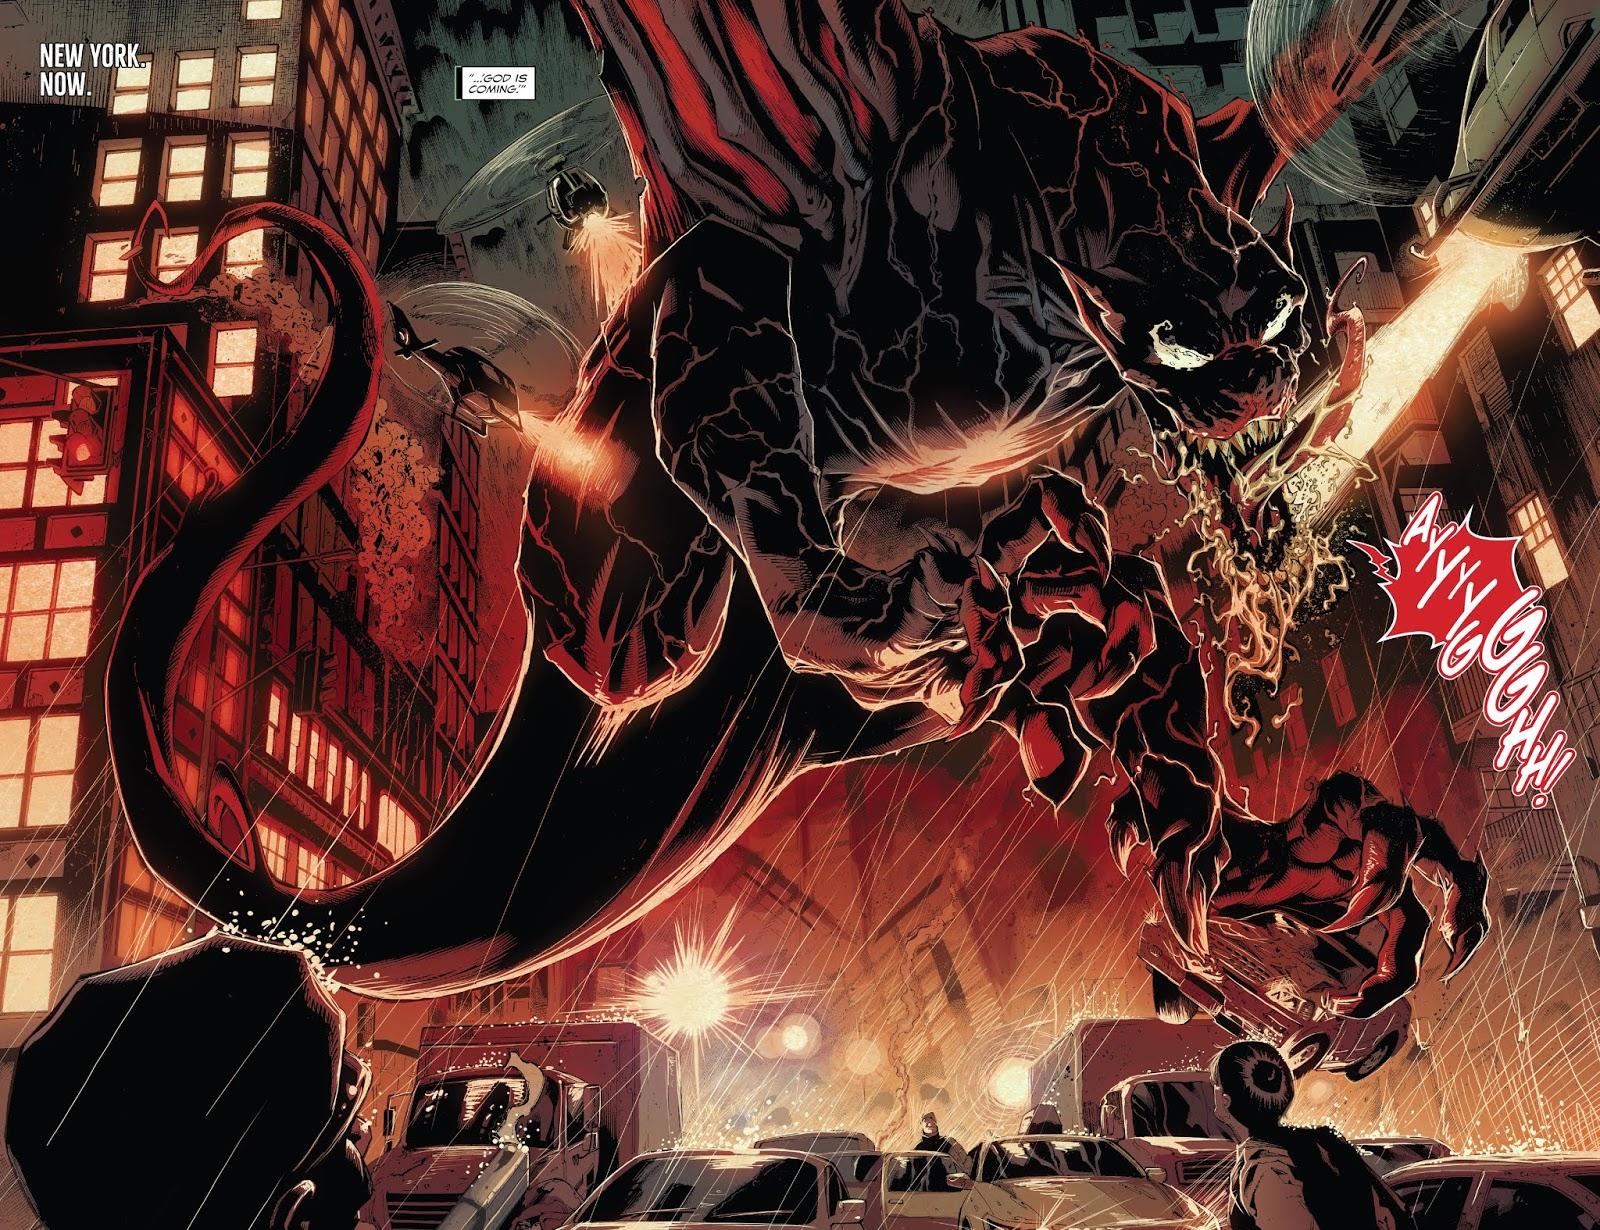 Grendel Symbiote (Venom Vol. 4 #2)